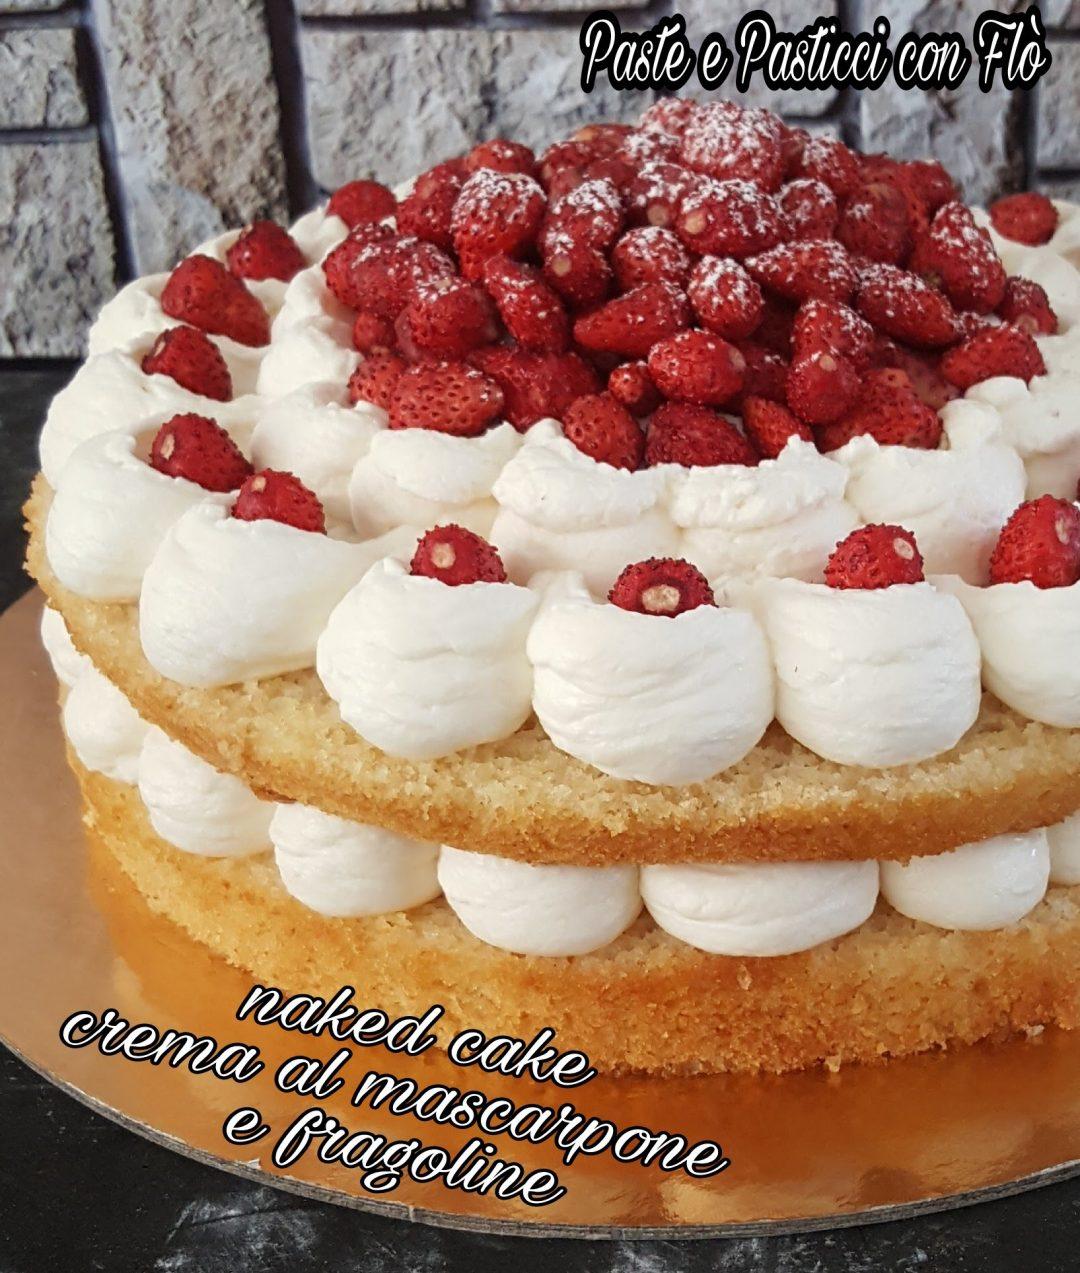 naked-cake-crema-mascarpone-e.fragoline